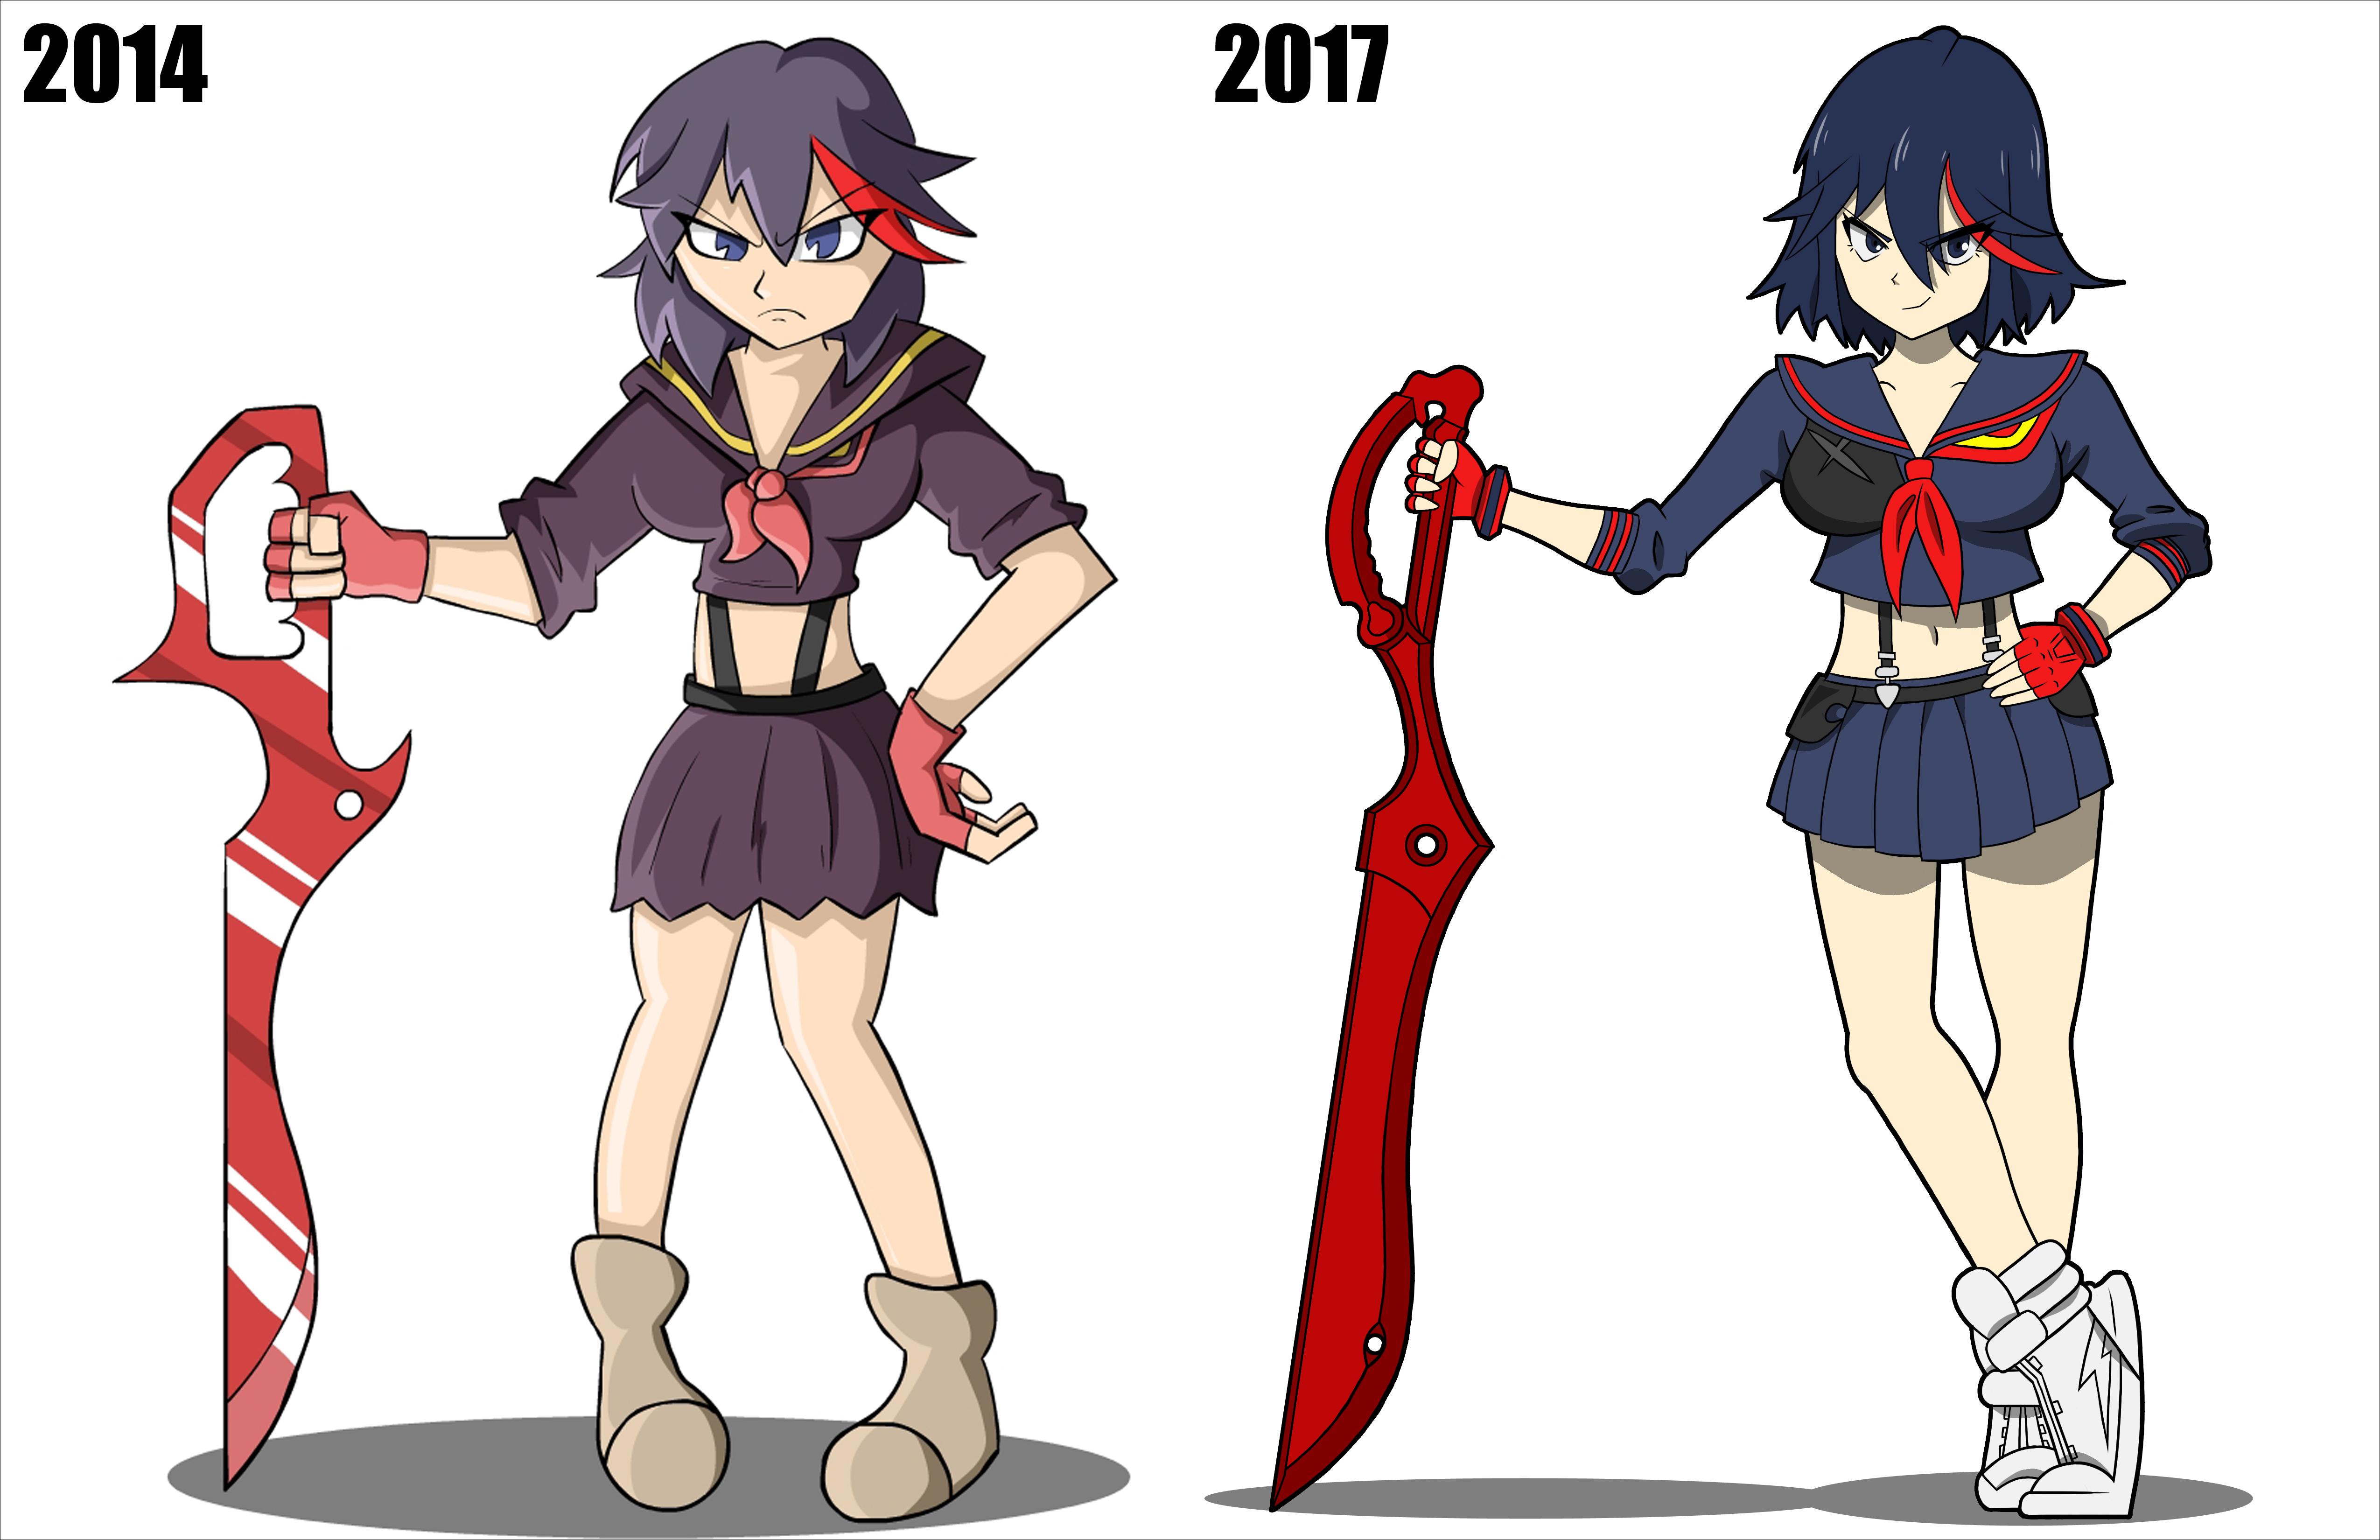 Ryuko matoi